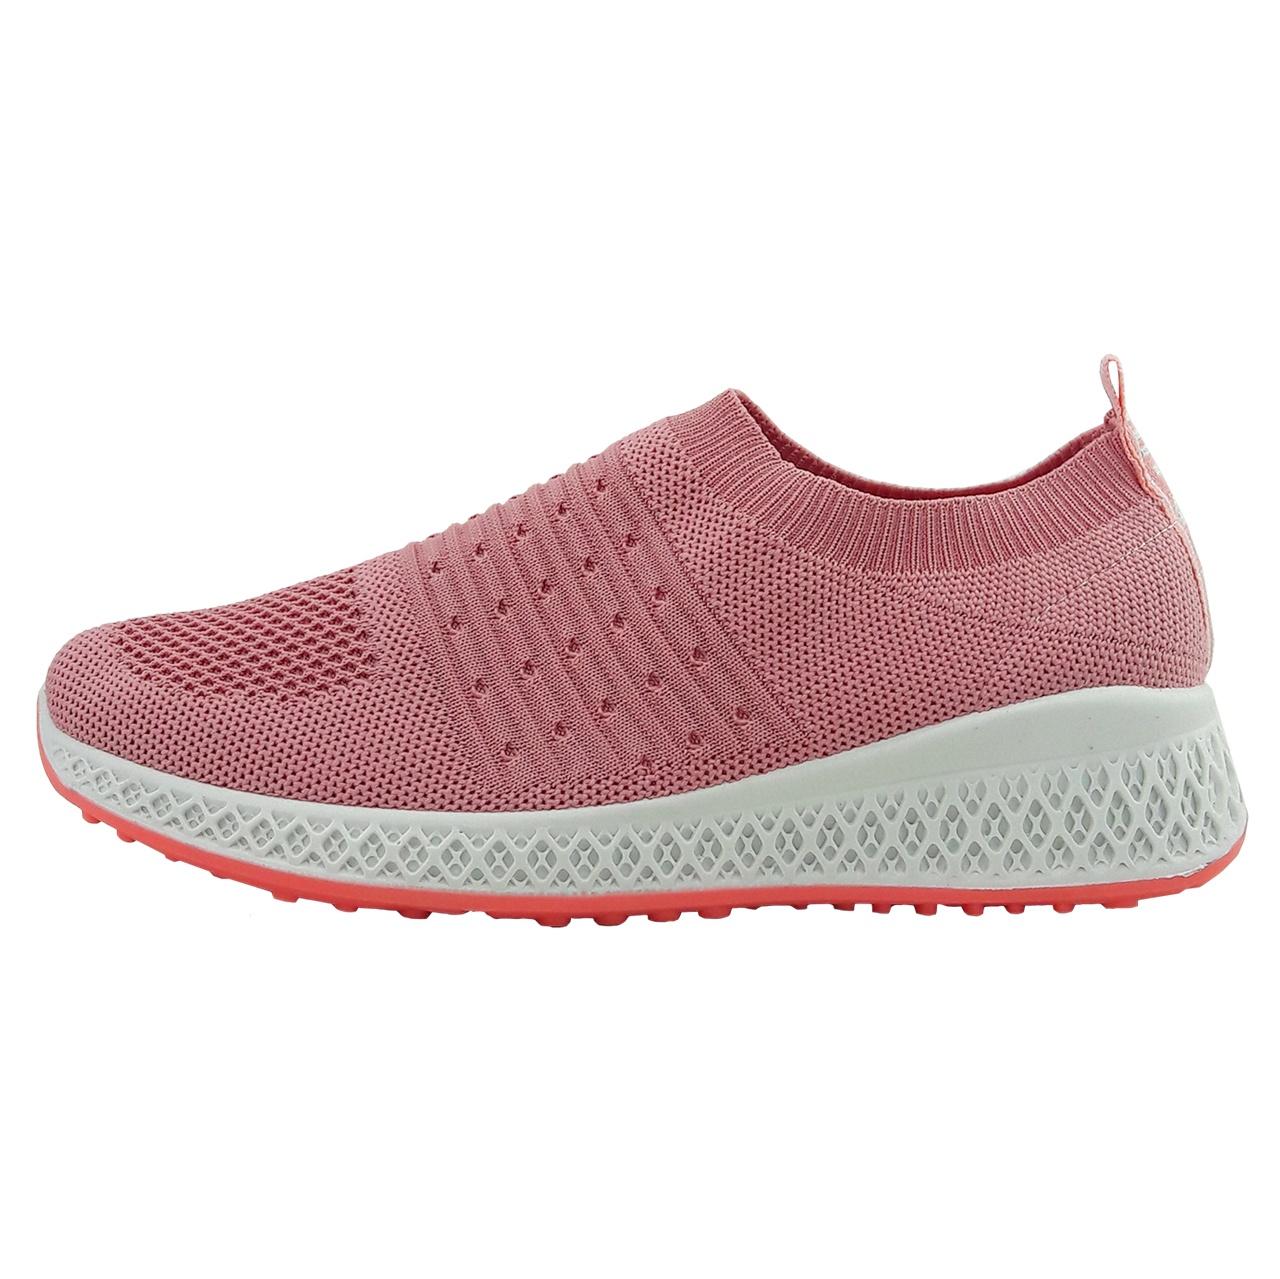 کفش راحتی زنانه مدل Fashion.comfort.bft-pnk-01